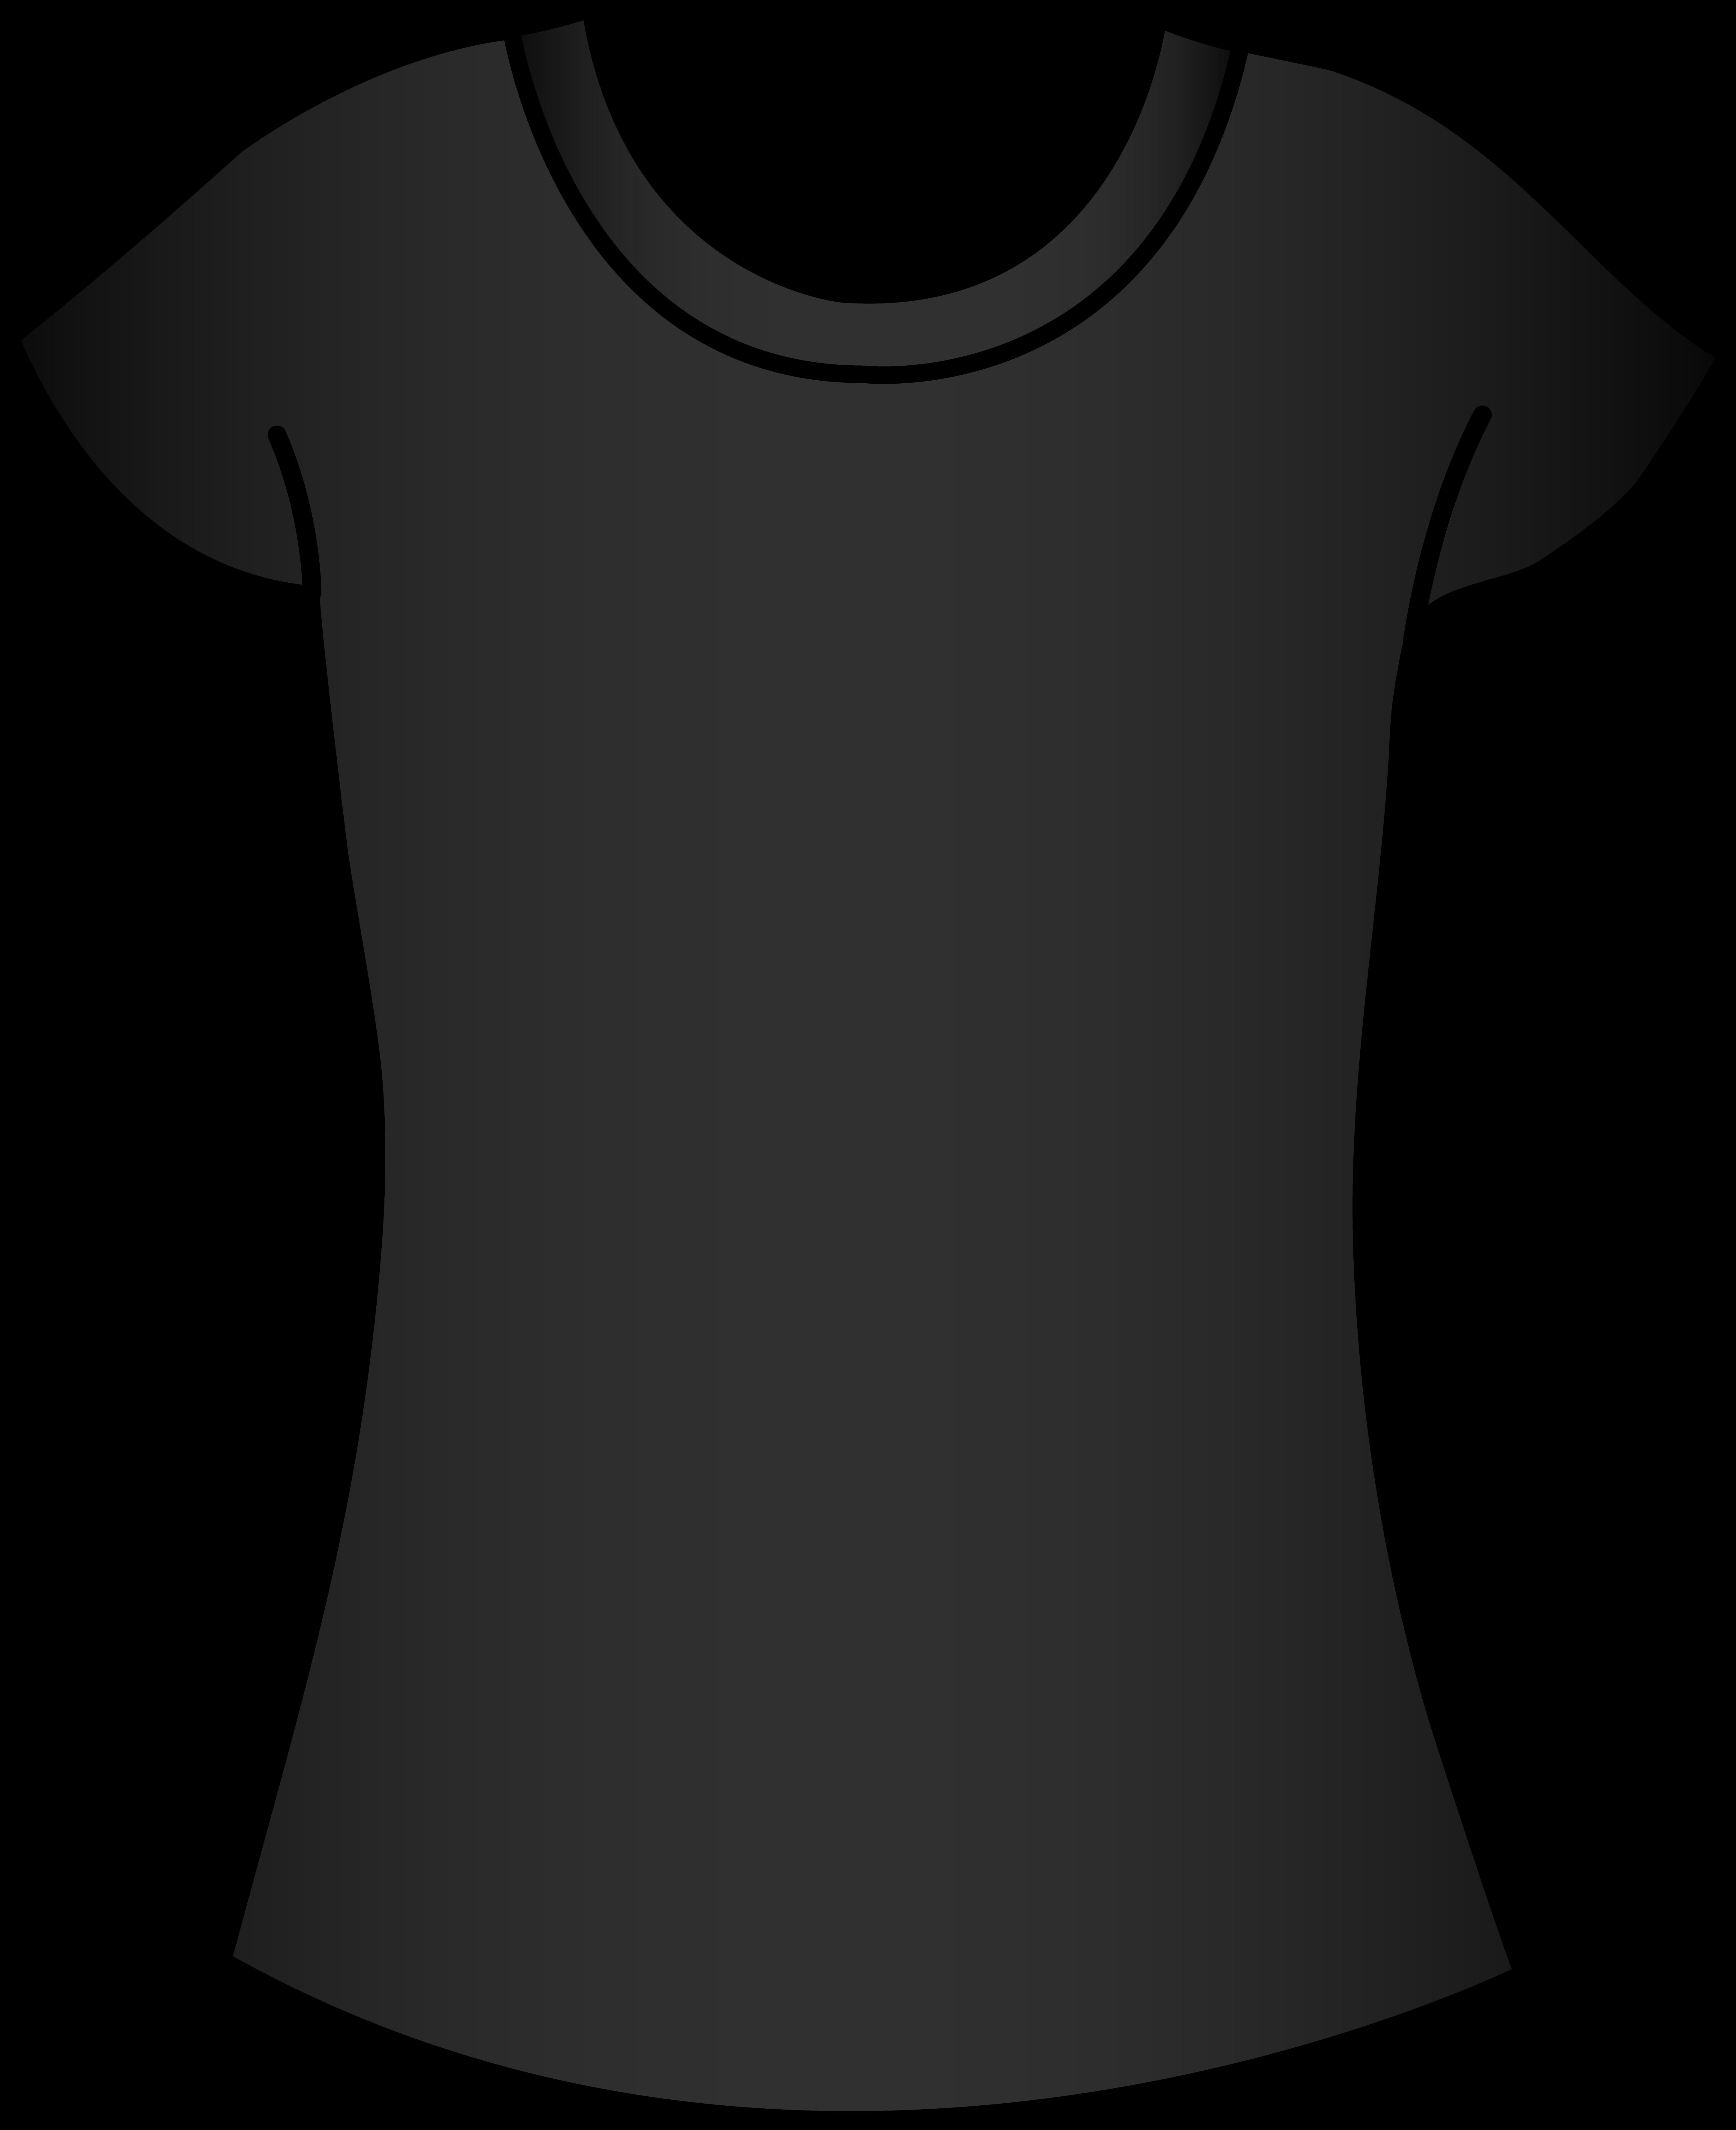 Womens Black T Shirt Template.